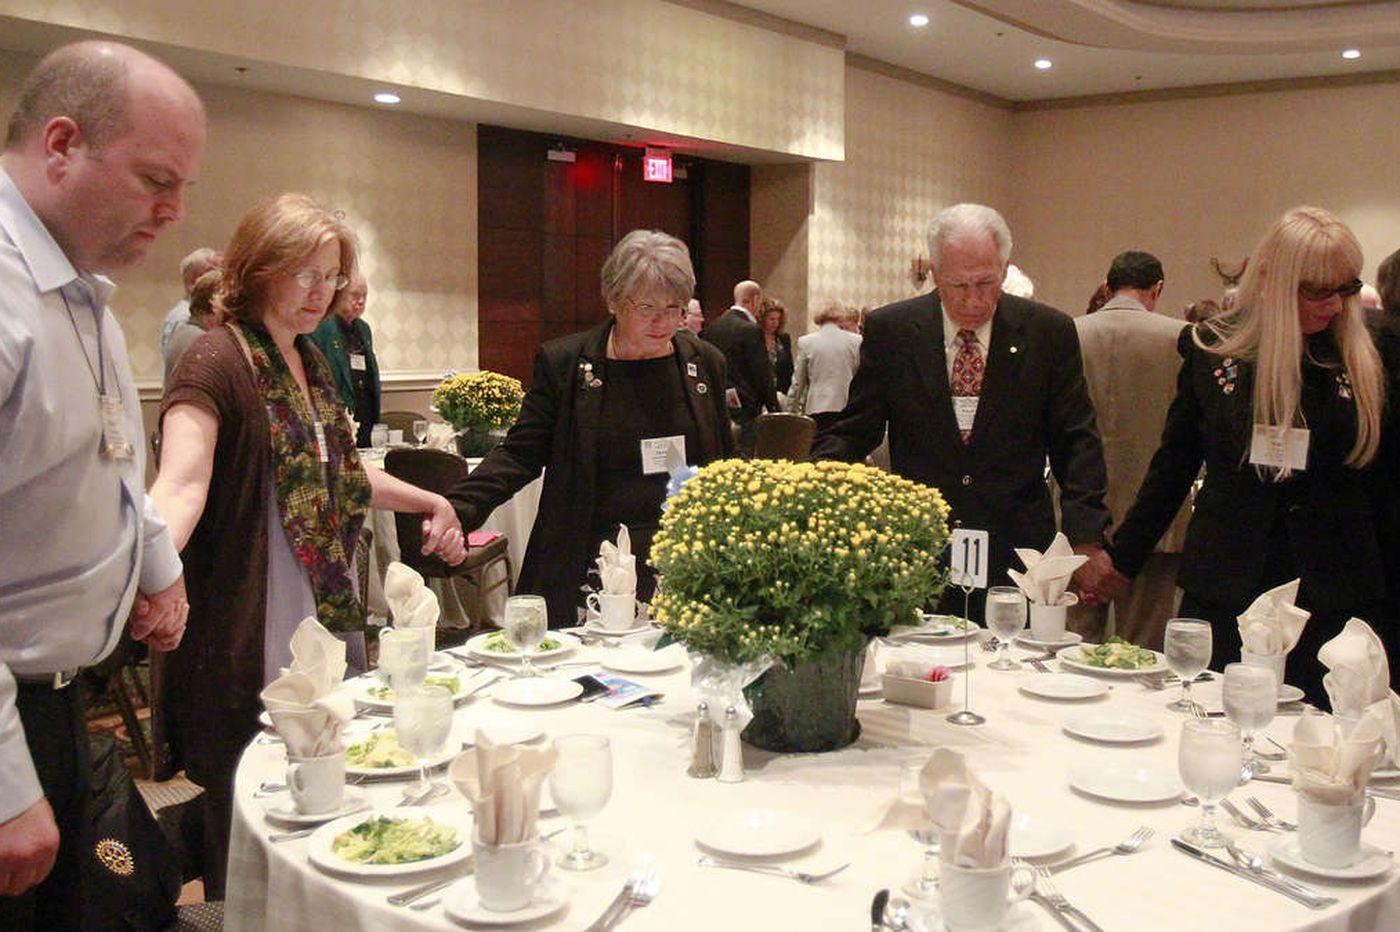 Rotary president: Recruit new members or risk extinction